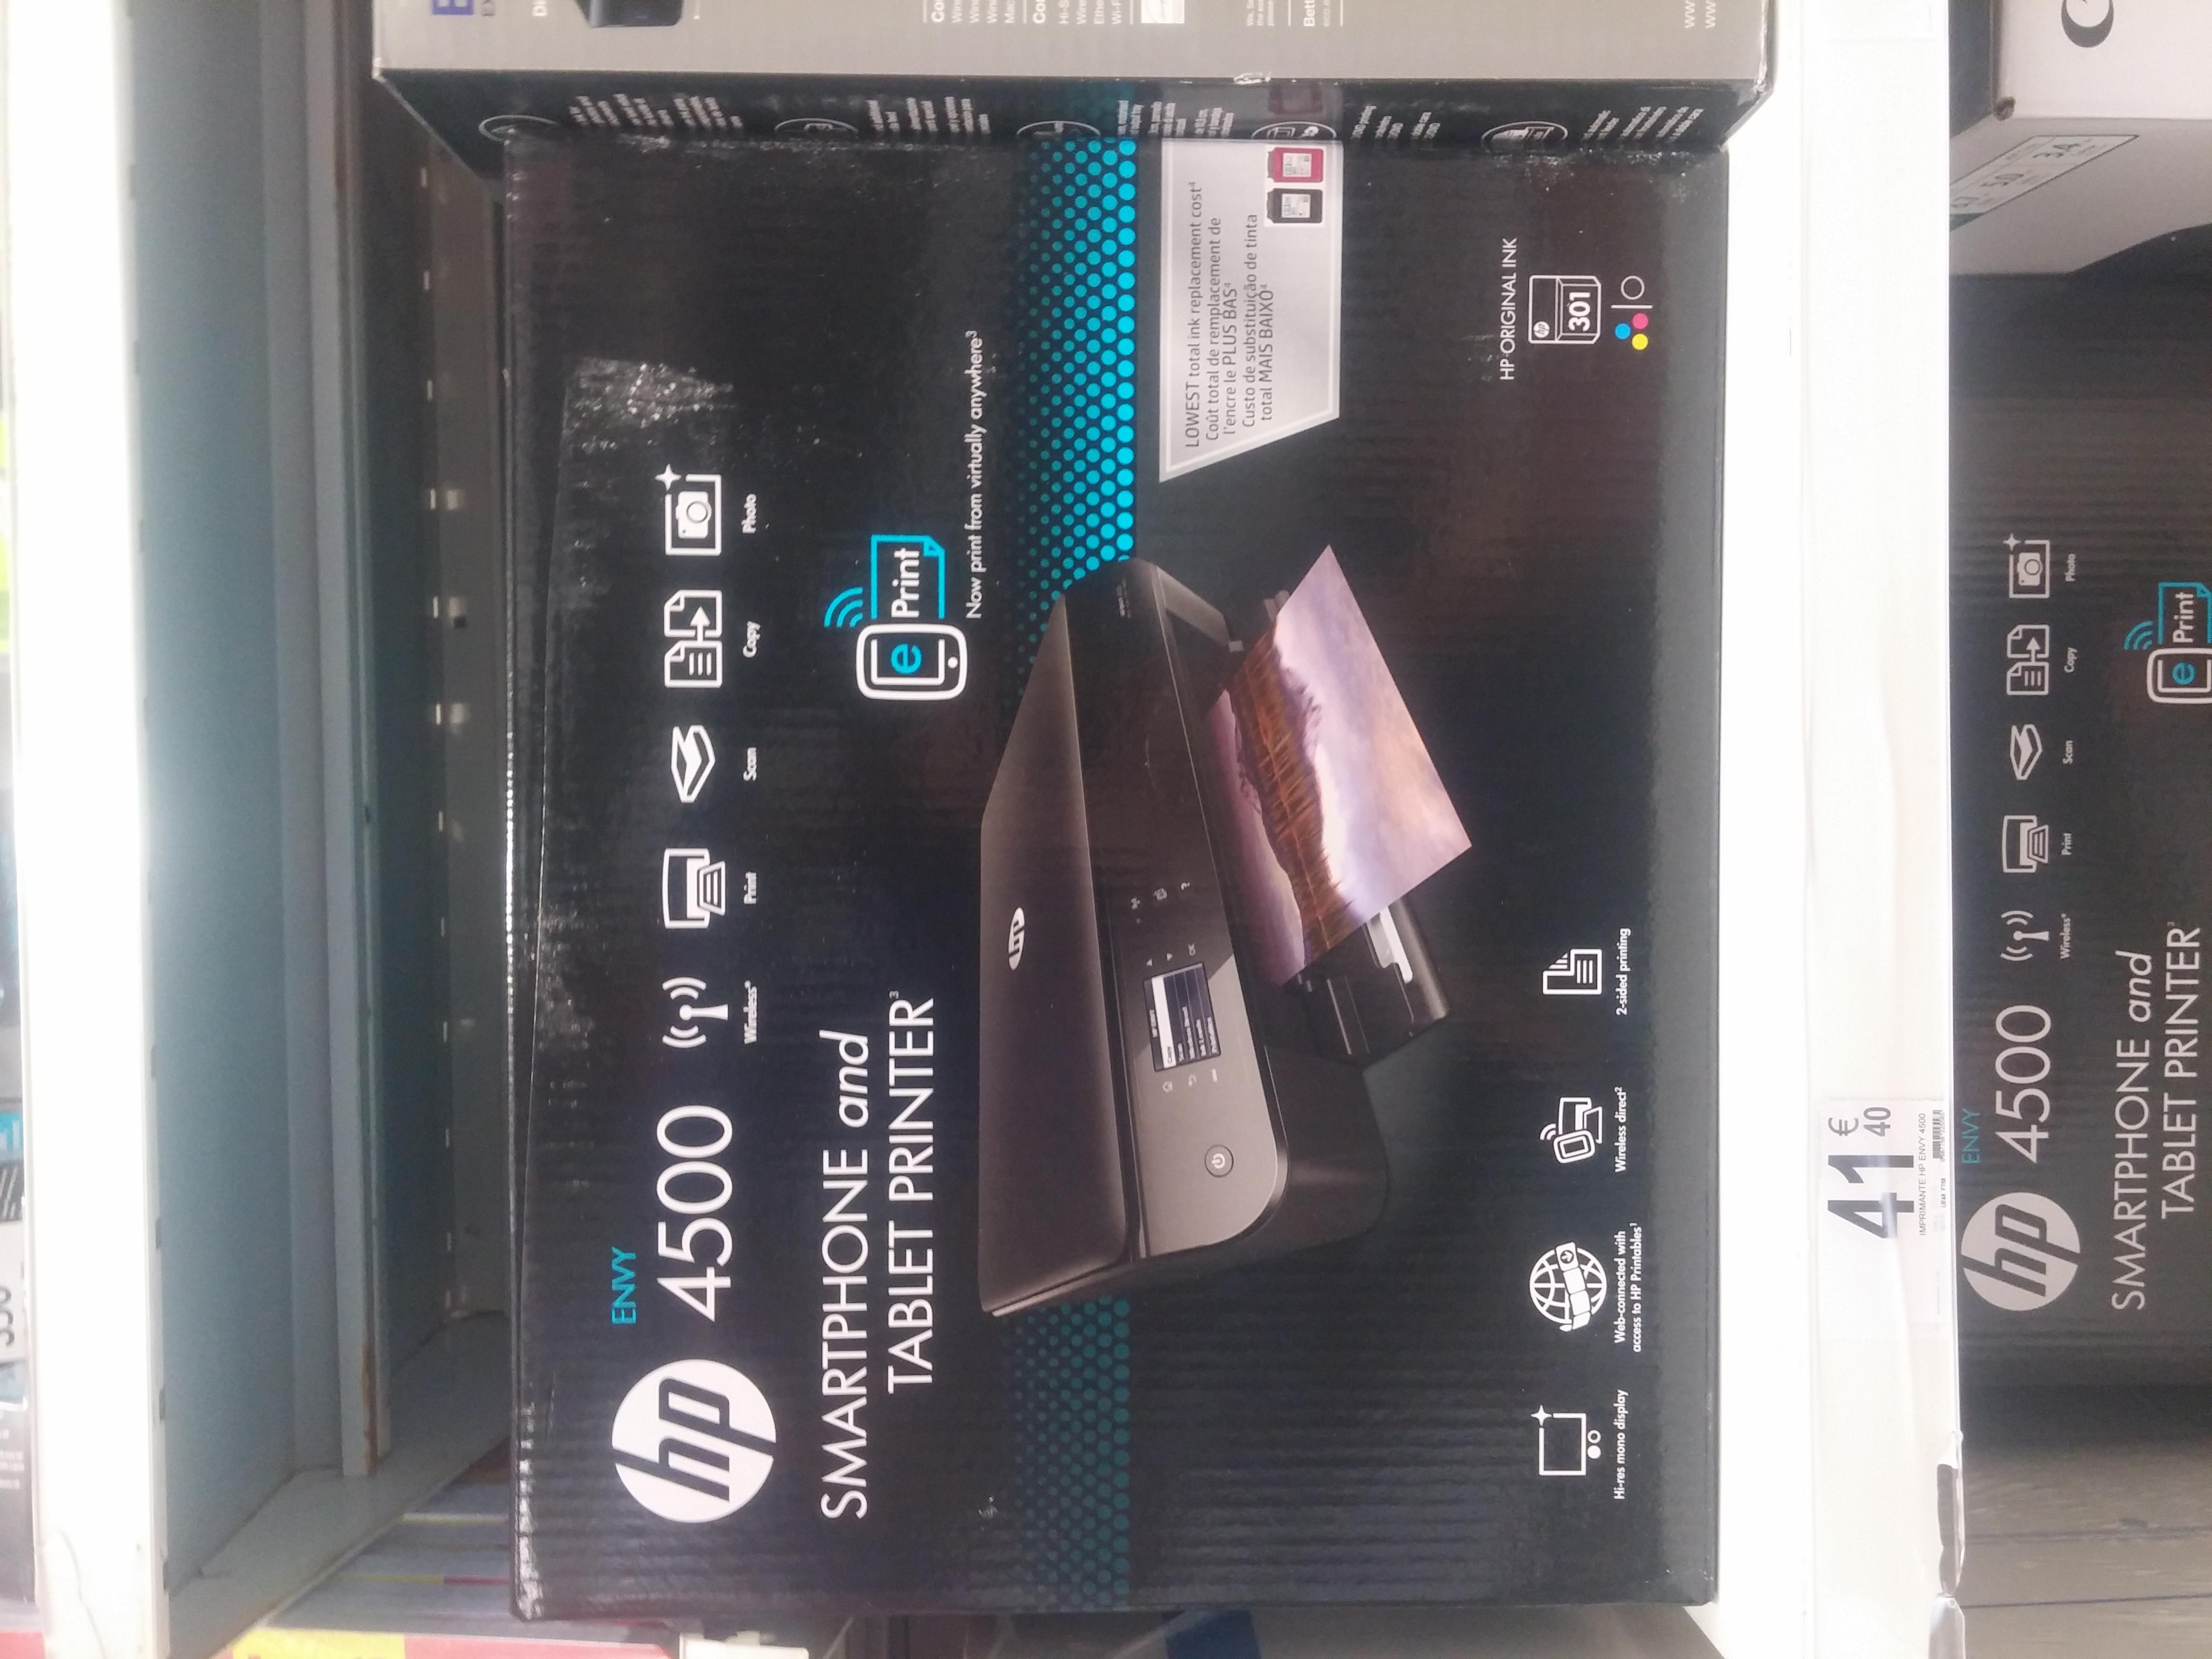 Imprimante multifonction Wi-Fi recto/verso HP Envy 4500 -